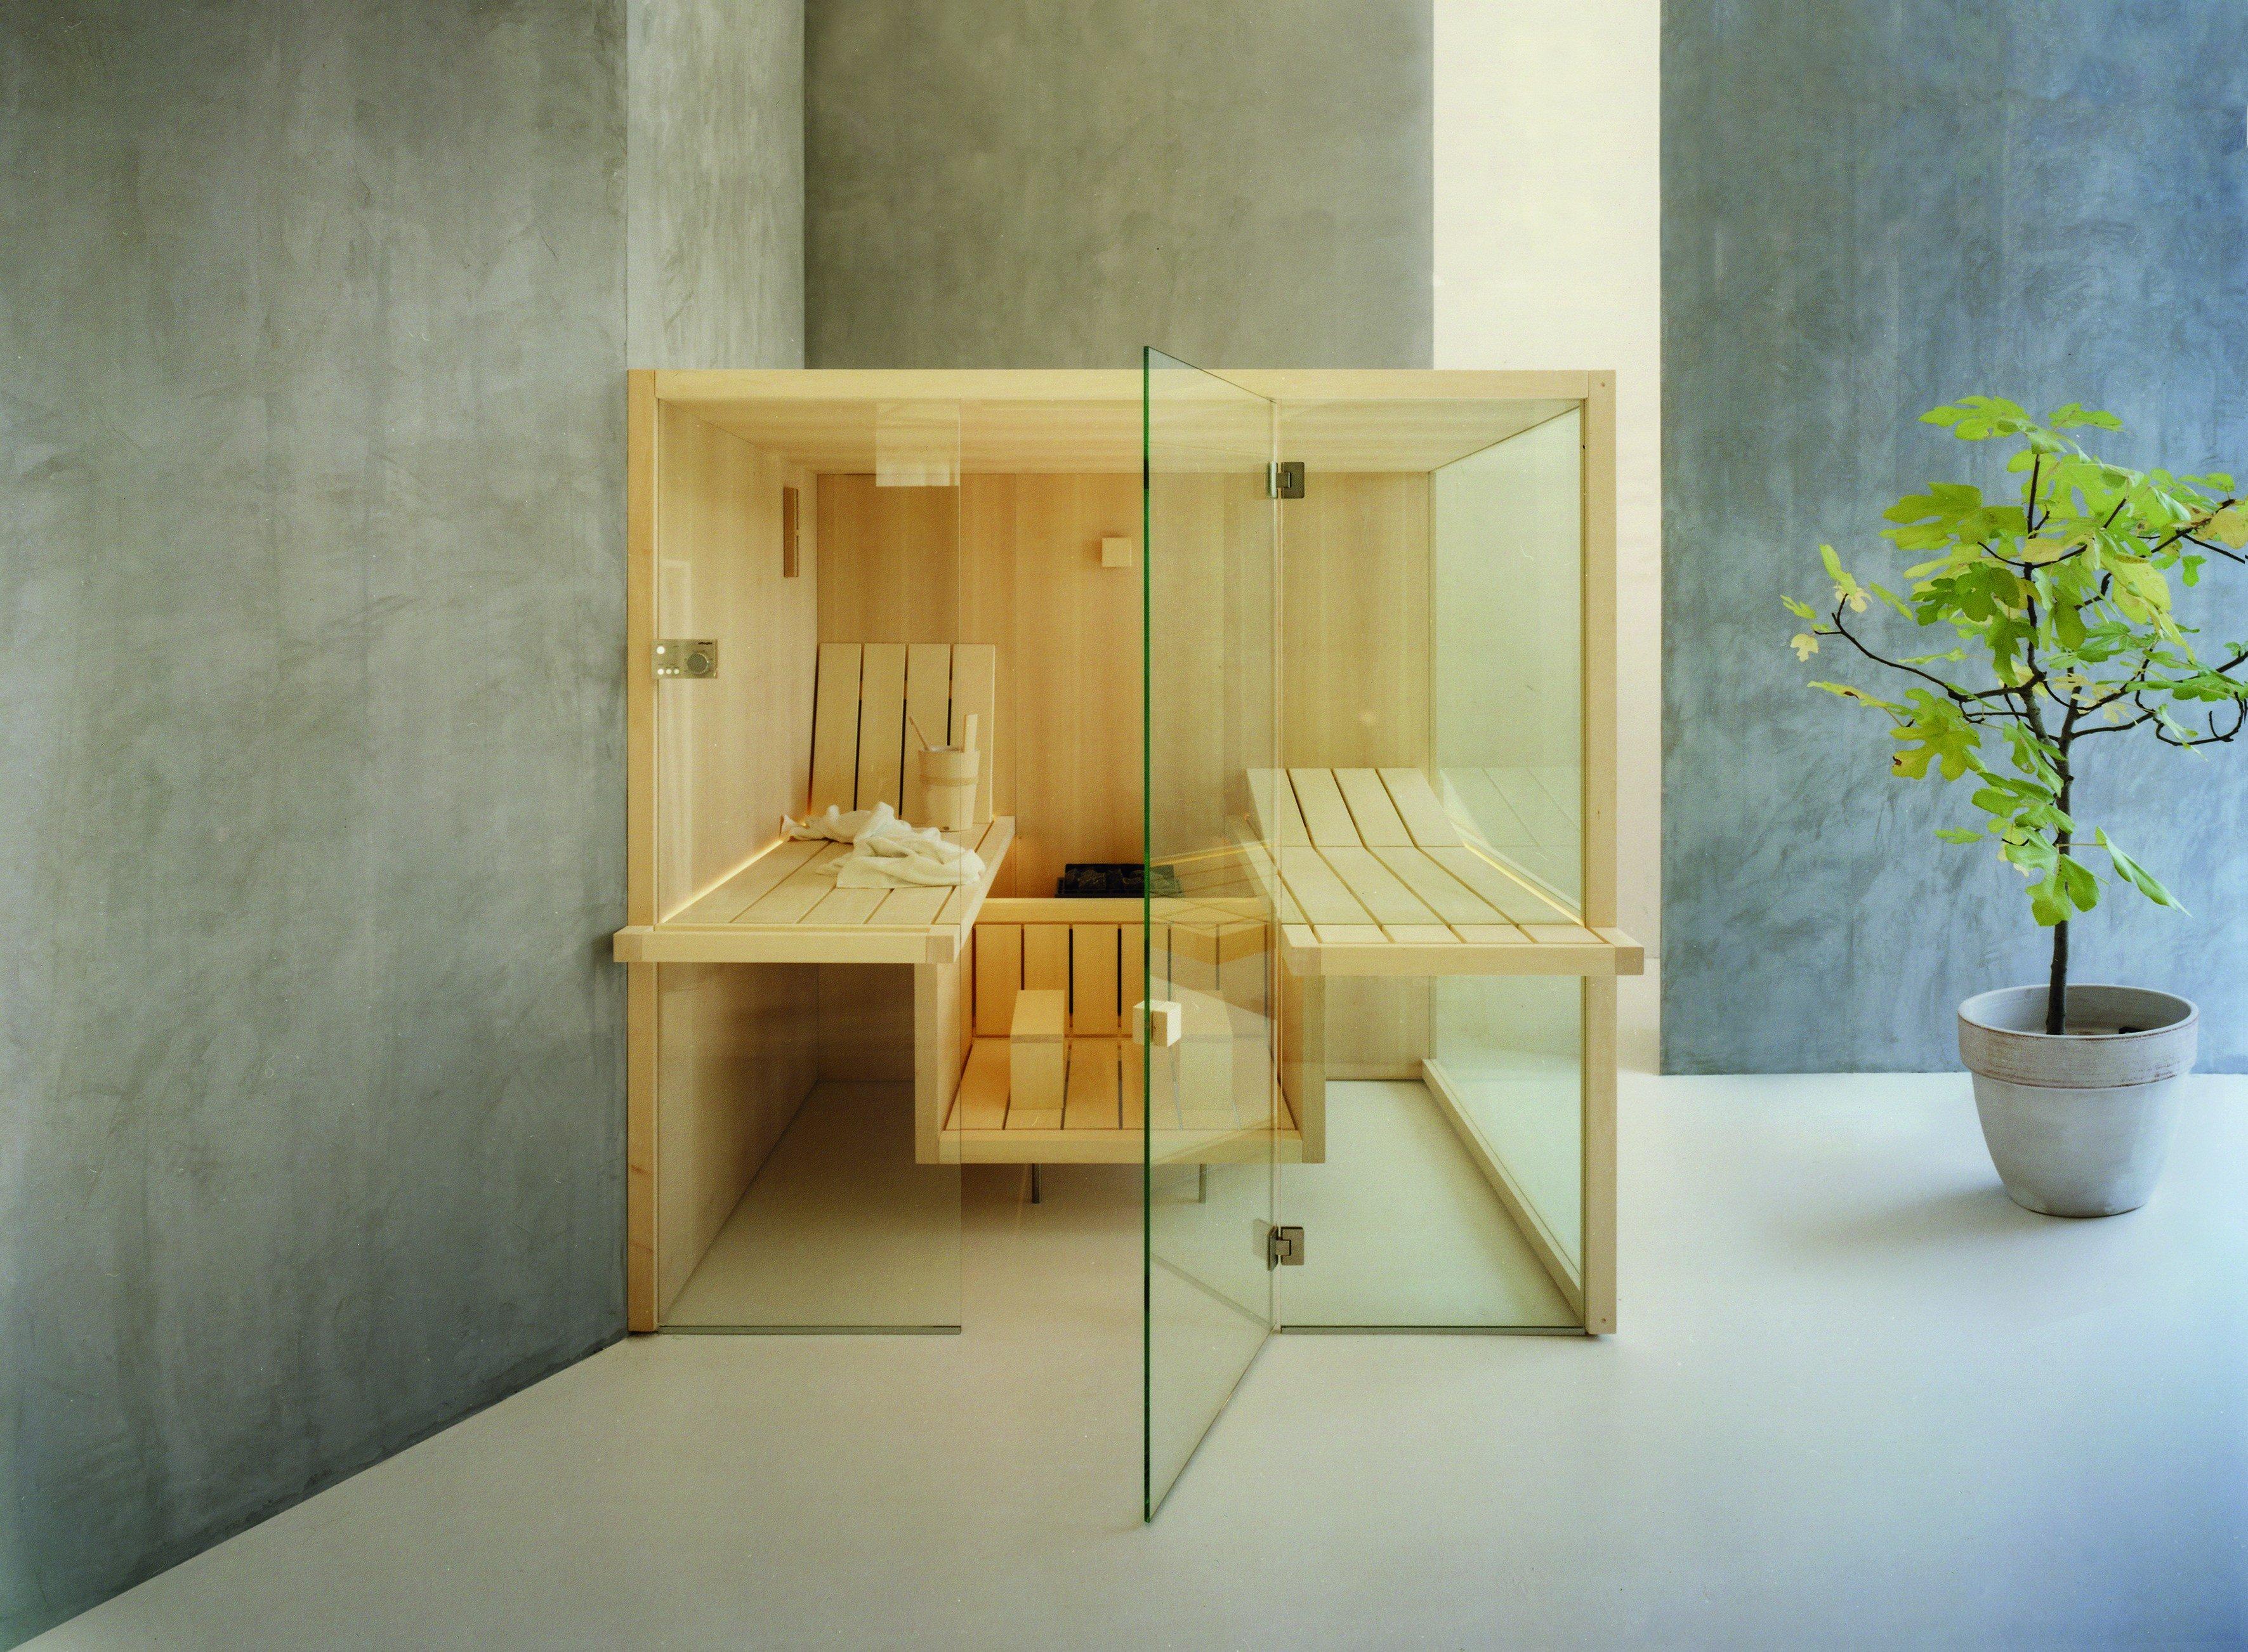 Top amazing panche e pedana sono sospese da terra nella sauna air progettata da talocci design - Prezzi sauna per casa ...